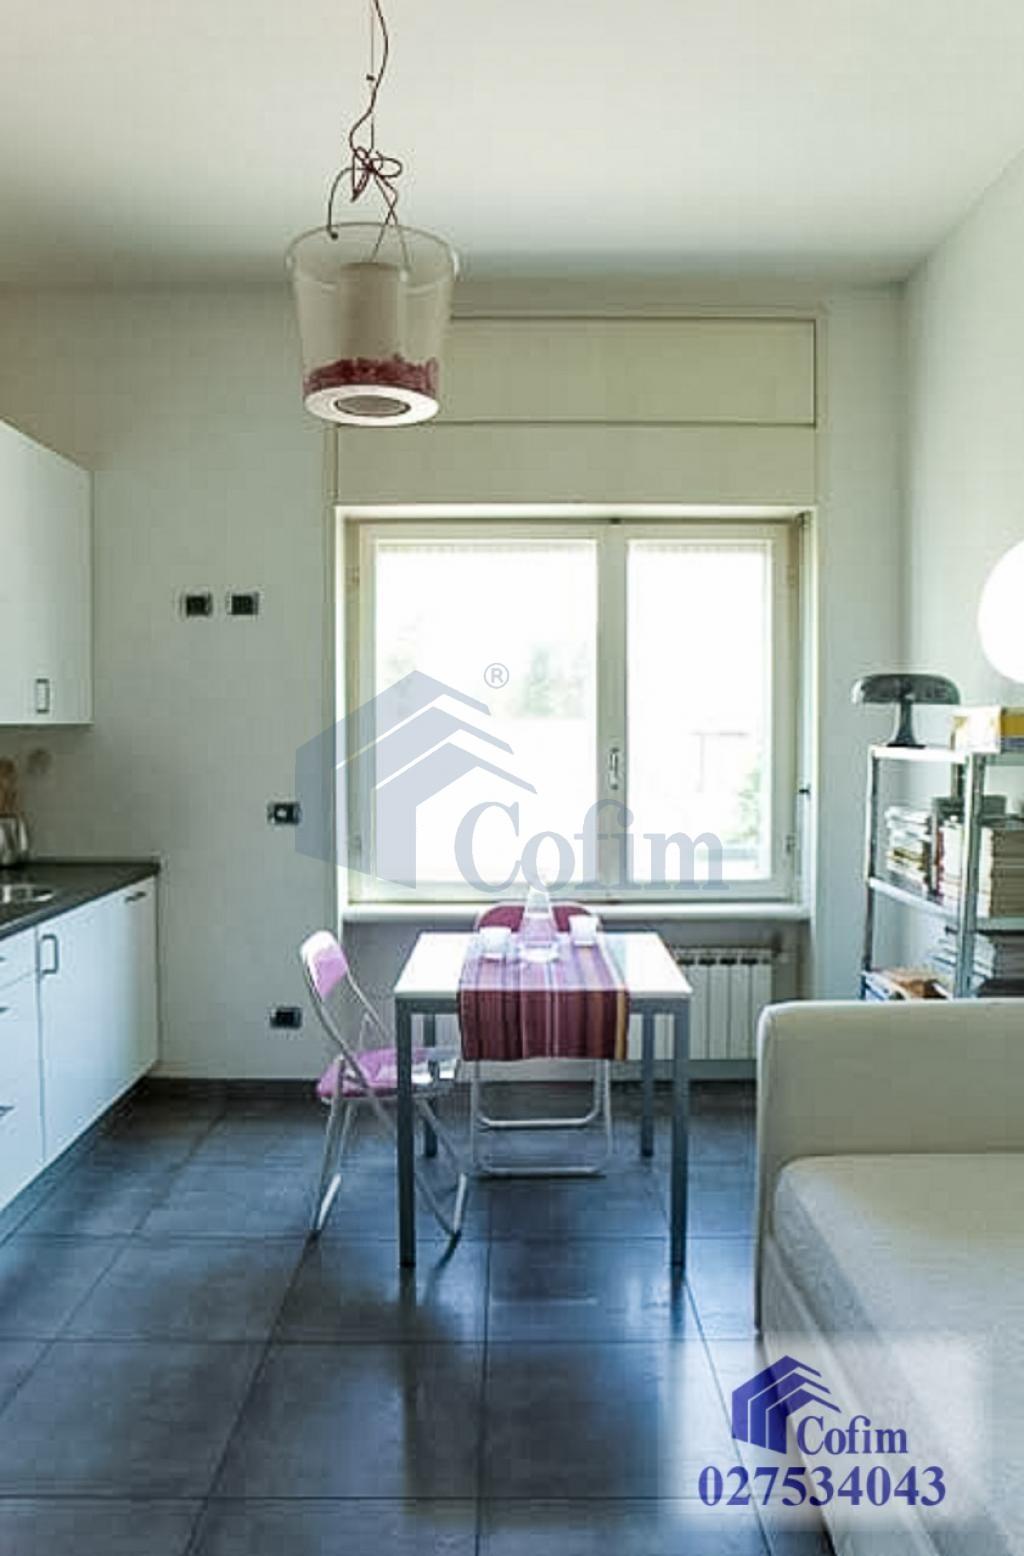 Immobiliare milano vendita appartamento monolocale for Immobiliare milano